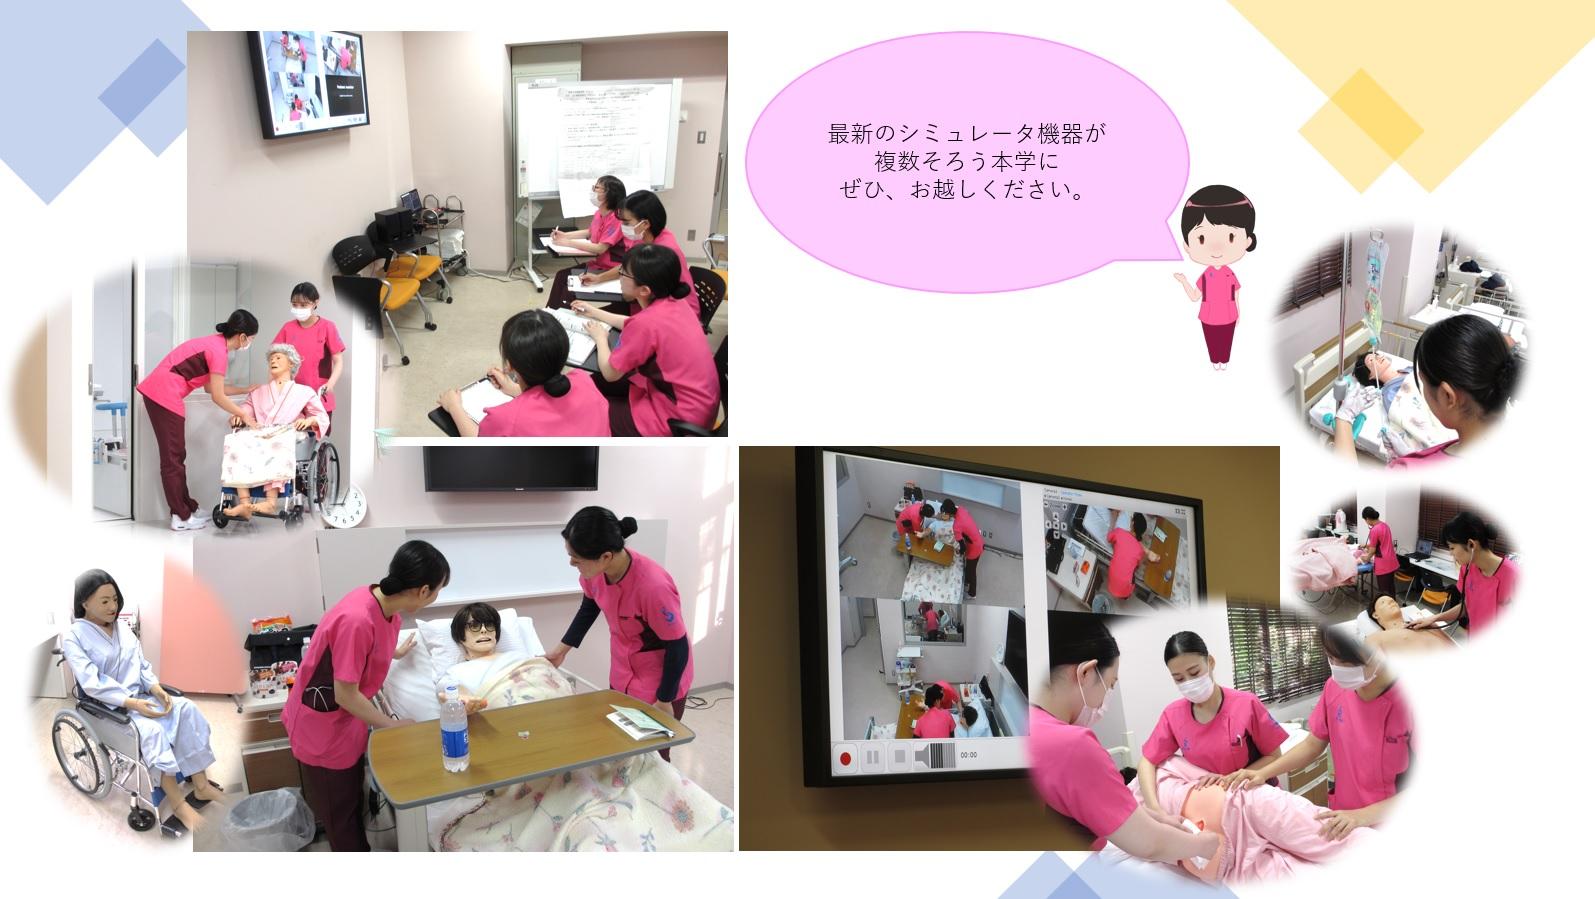 一般入試受験の皆様へ 『最新のそして日本一のシミュレーション機器を備えた看護学部にも秋の気配です!!』